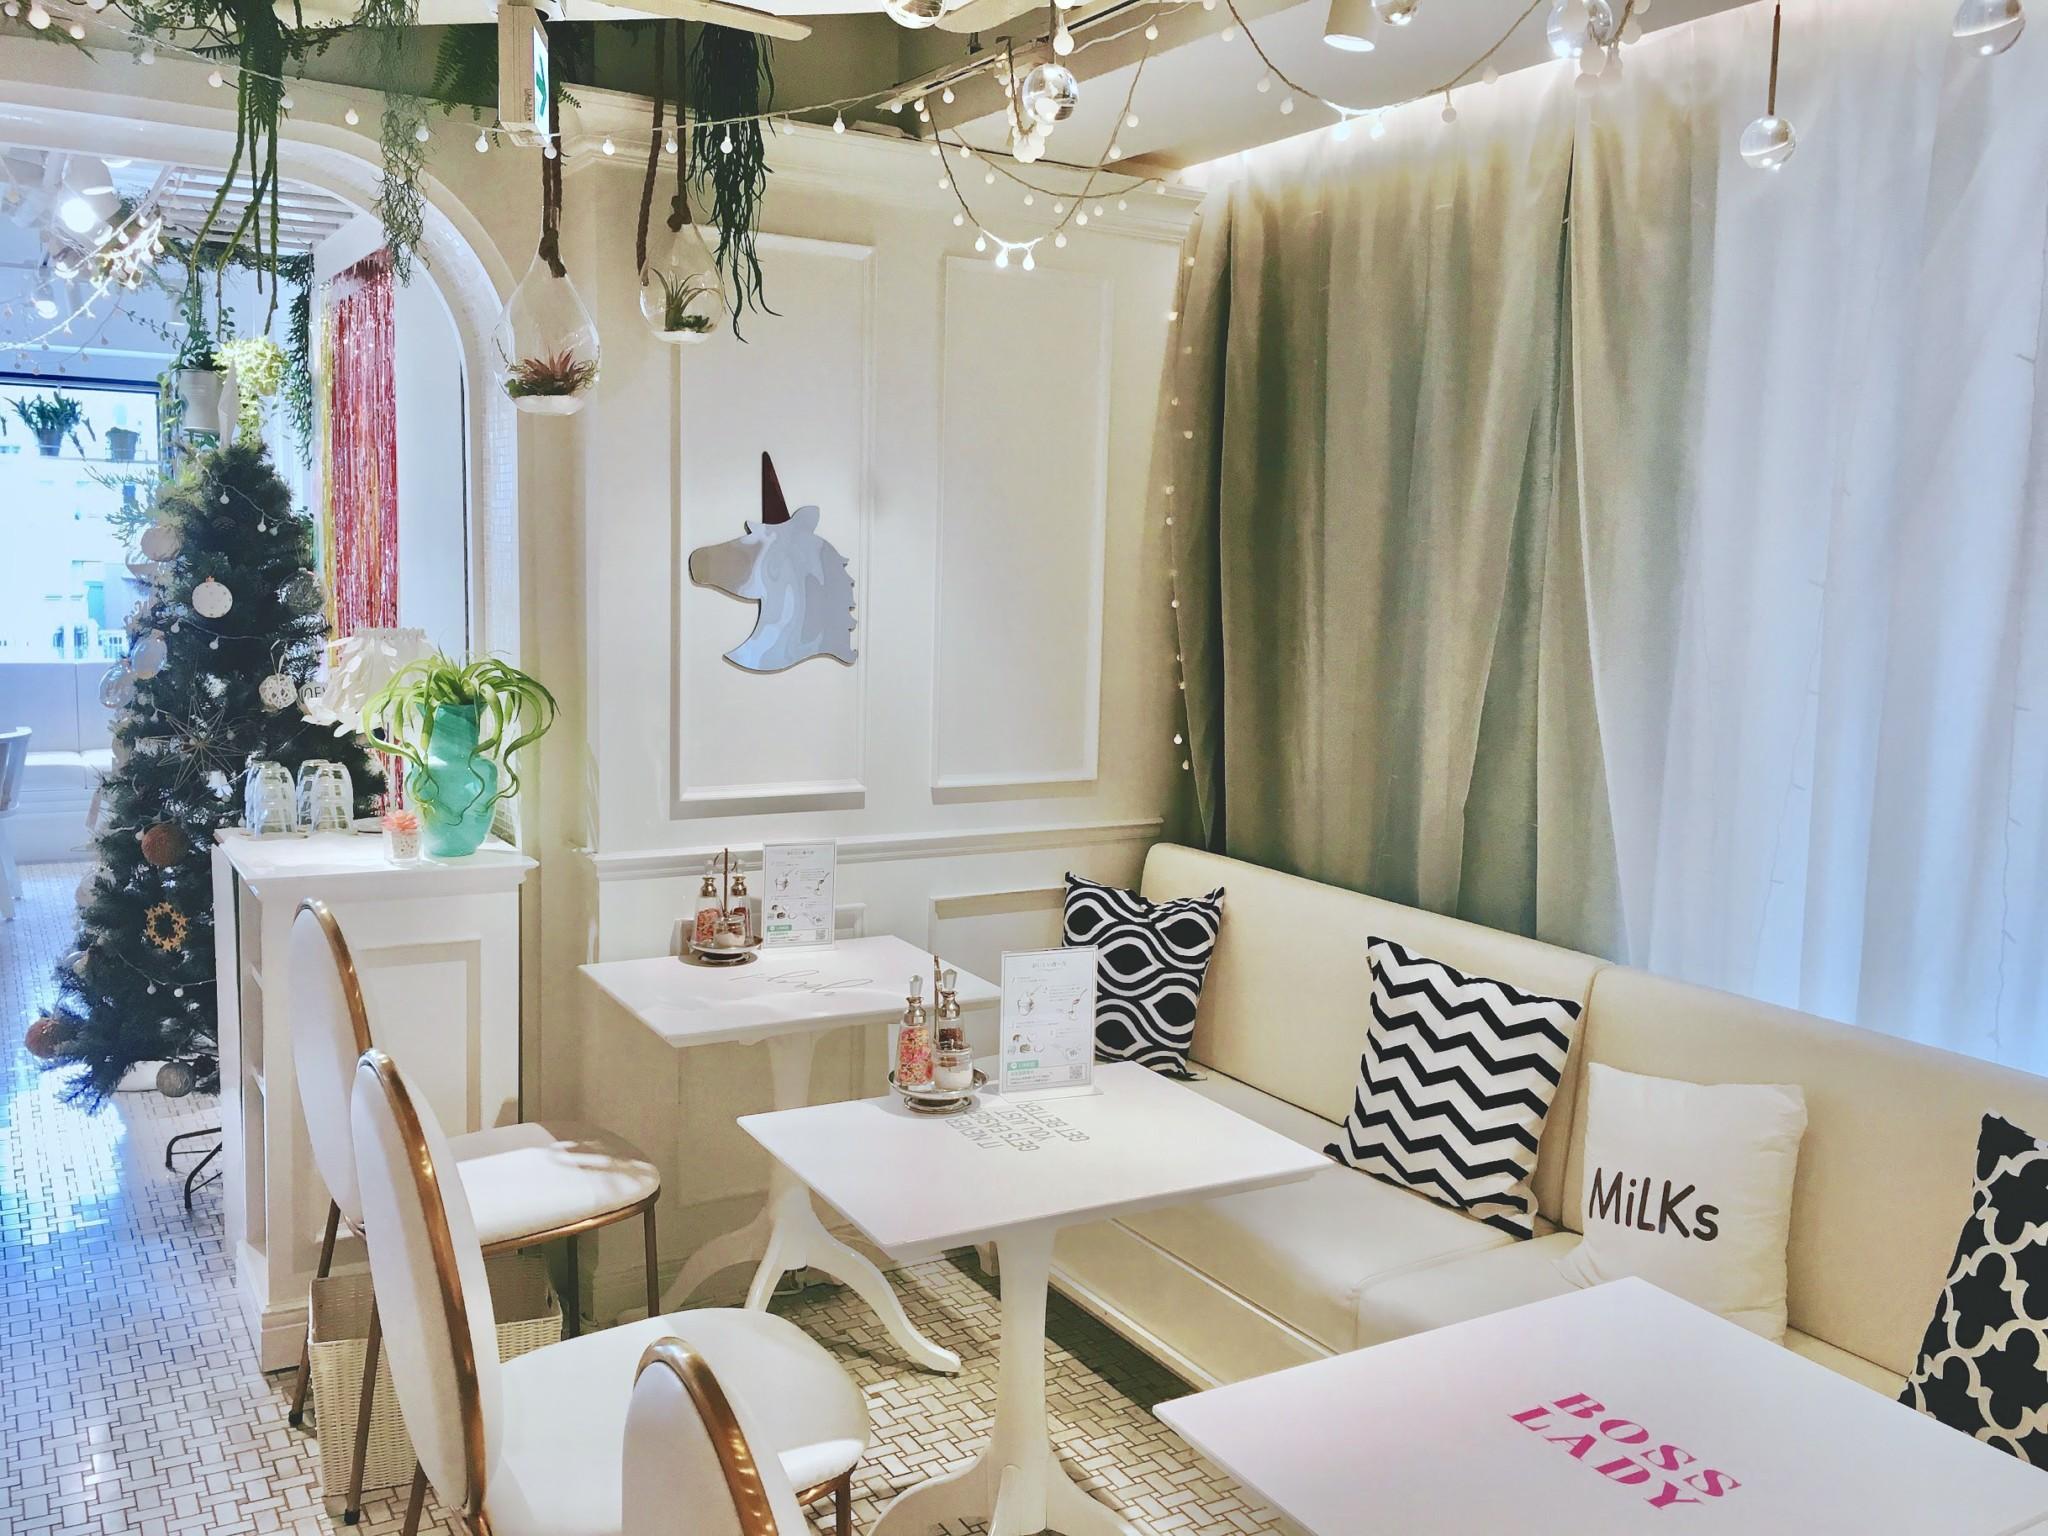 「ソフトクリーム+お酒」恵比寿のカフェ『MiLKs(ミルクス)』の画像4